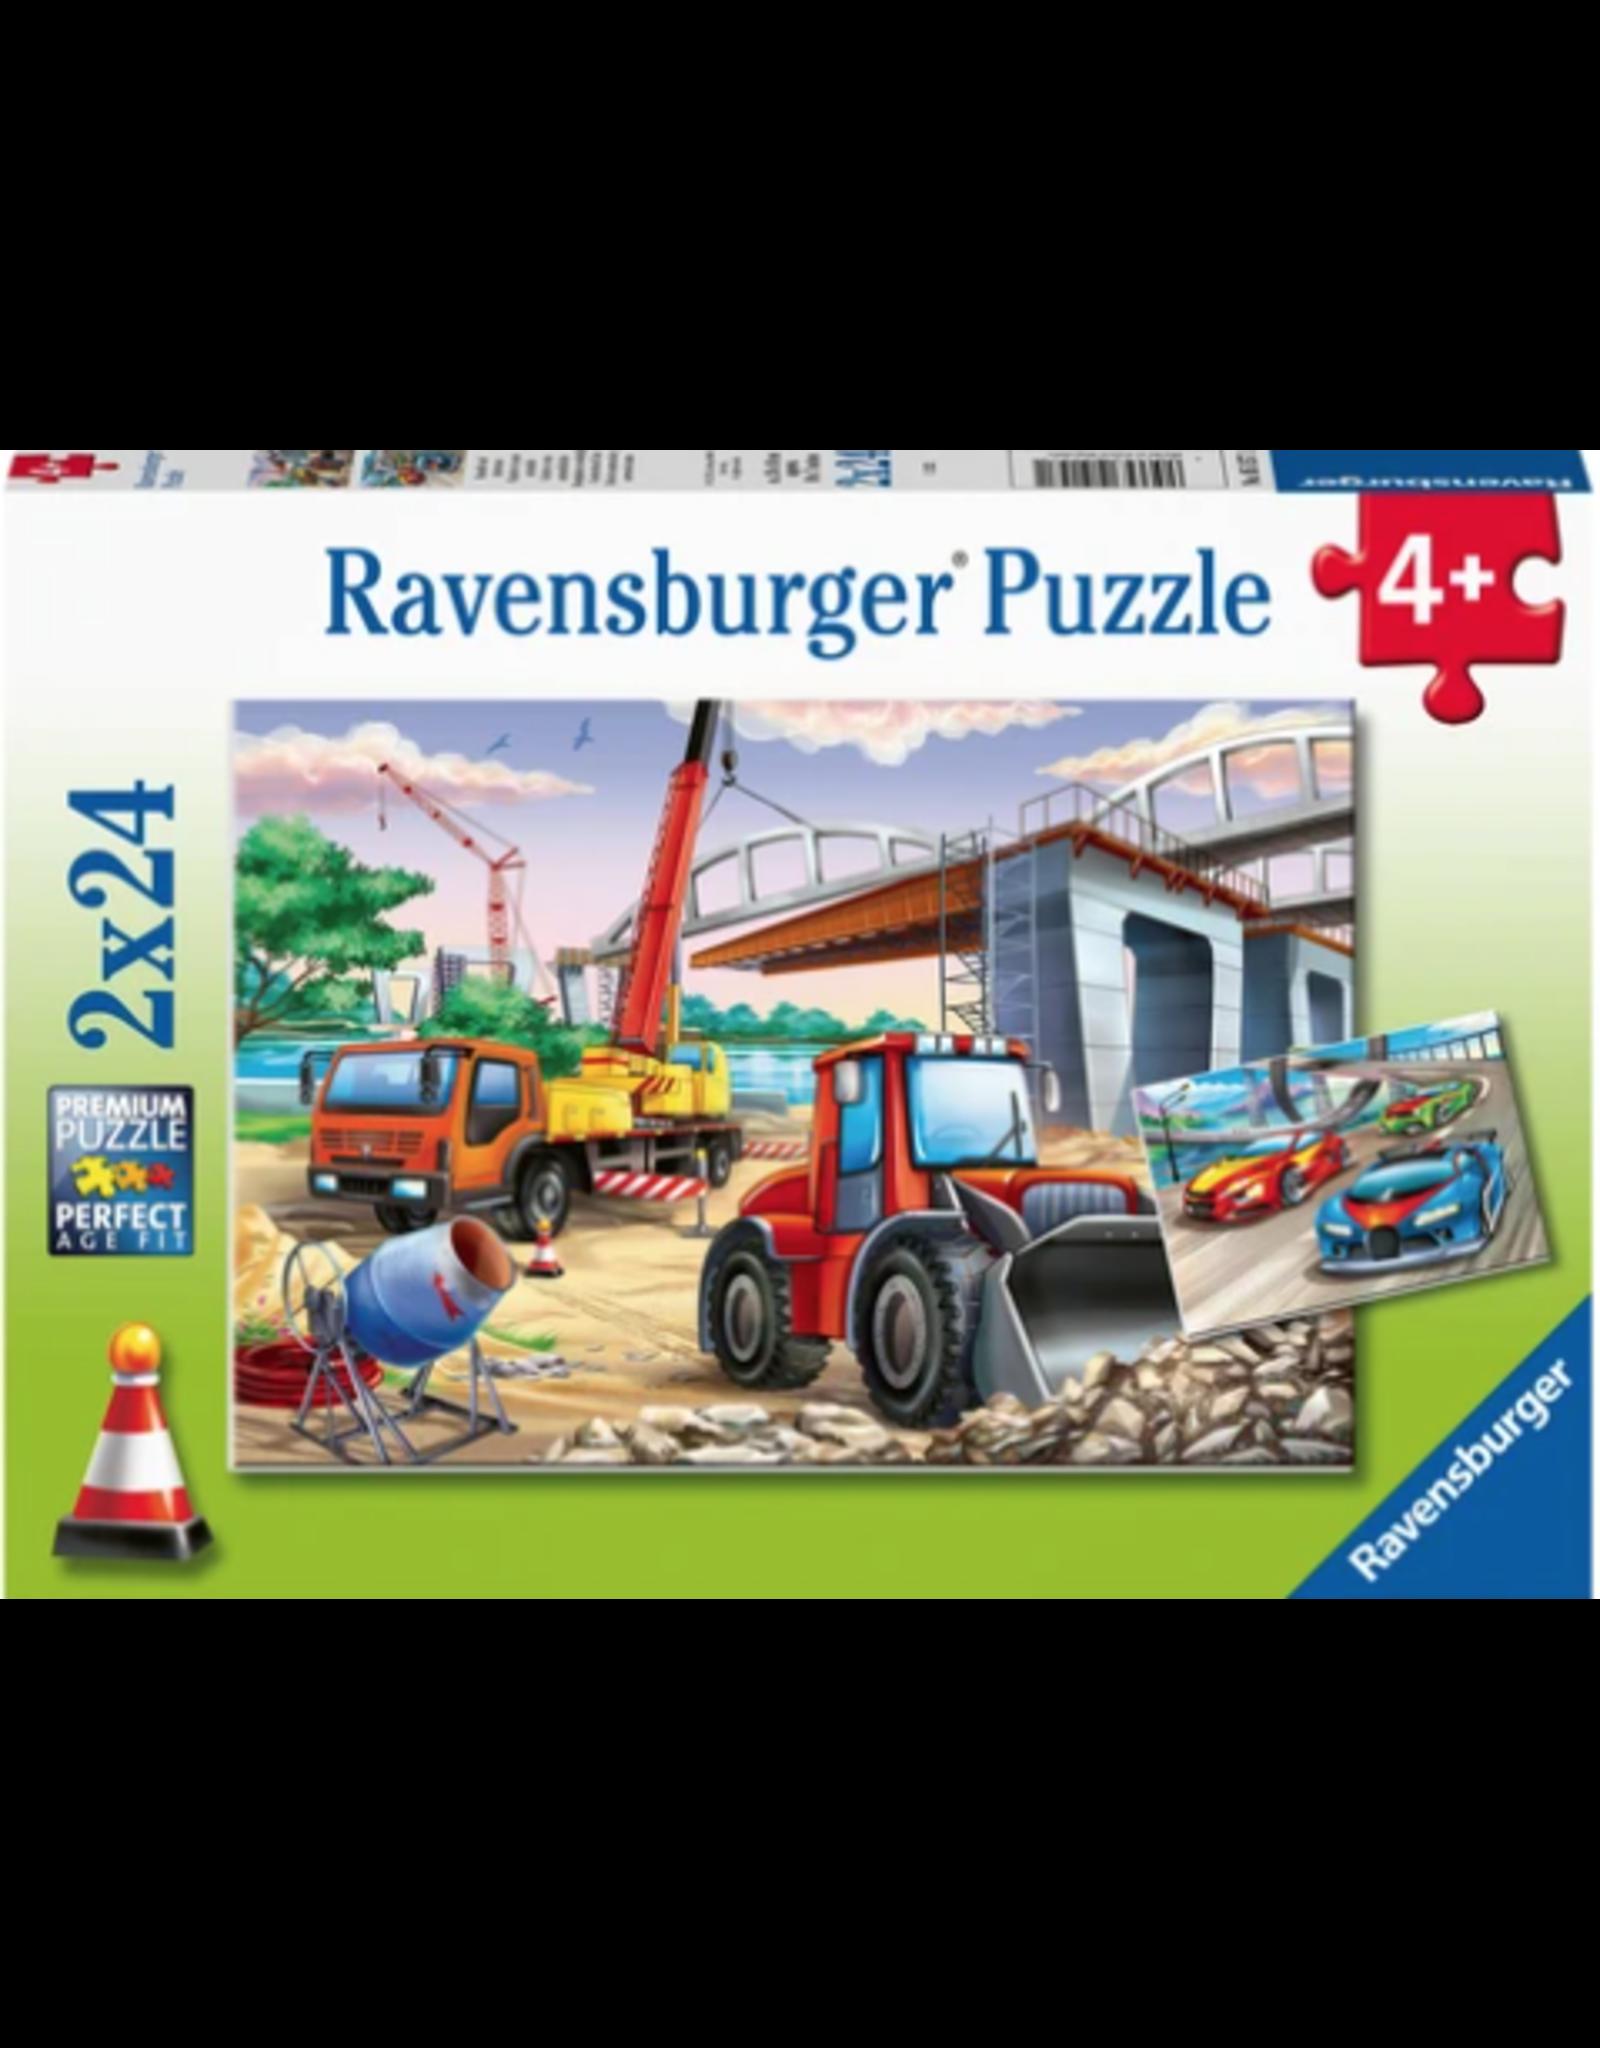 Ravensburger 2x24 pcs. Construction & Cars Puzzle